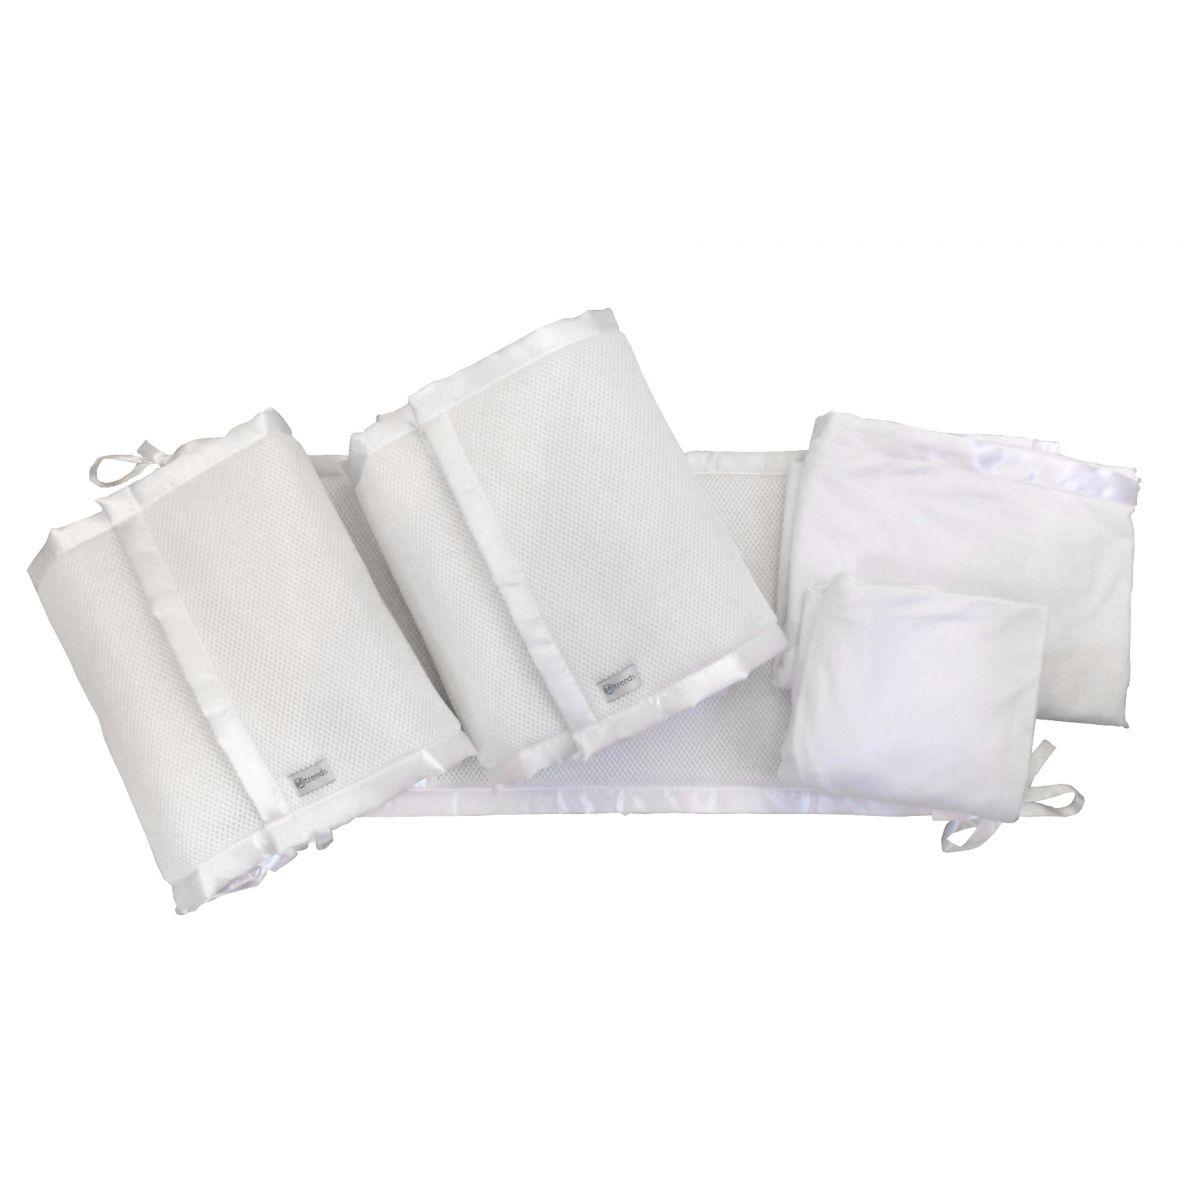 Kit Protetor de Berço Air Tradicional - BBtrends